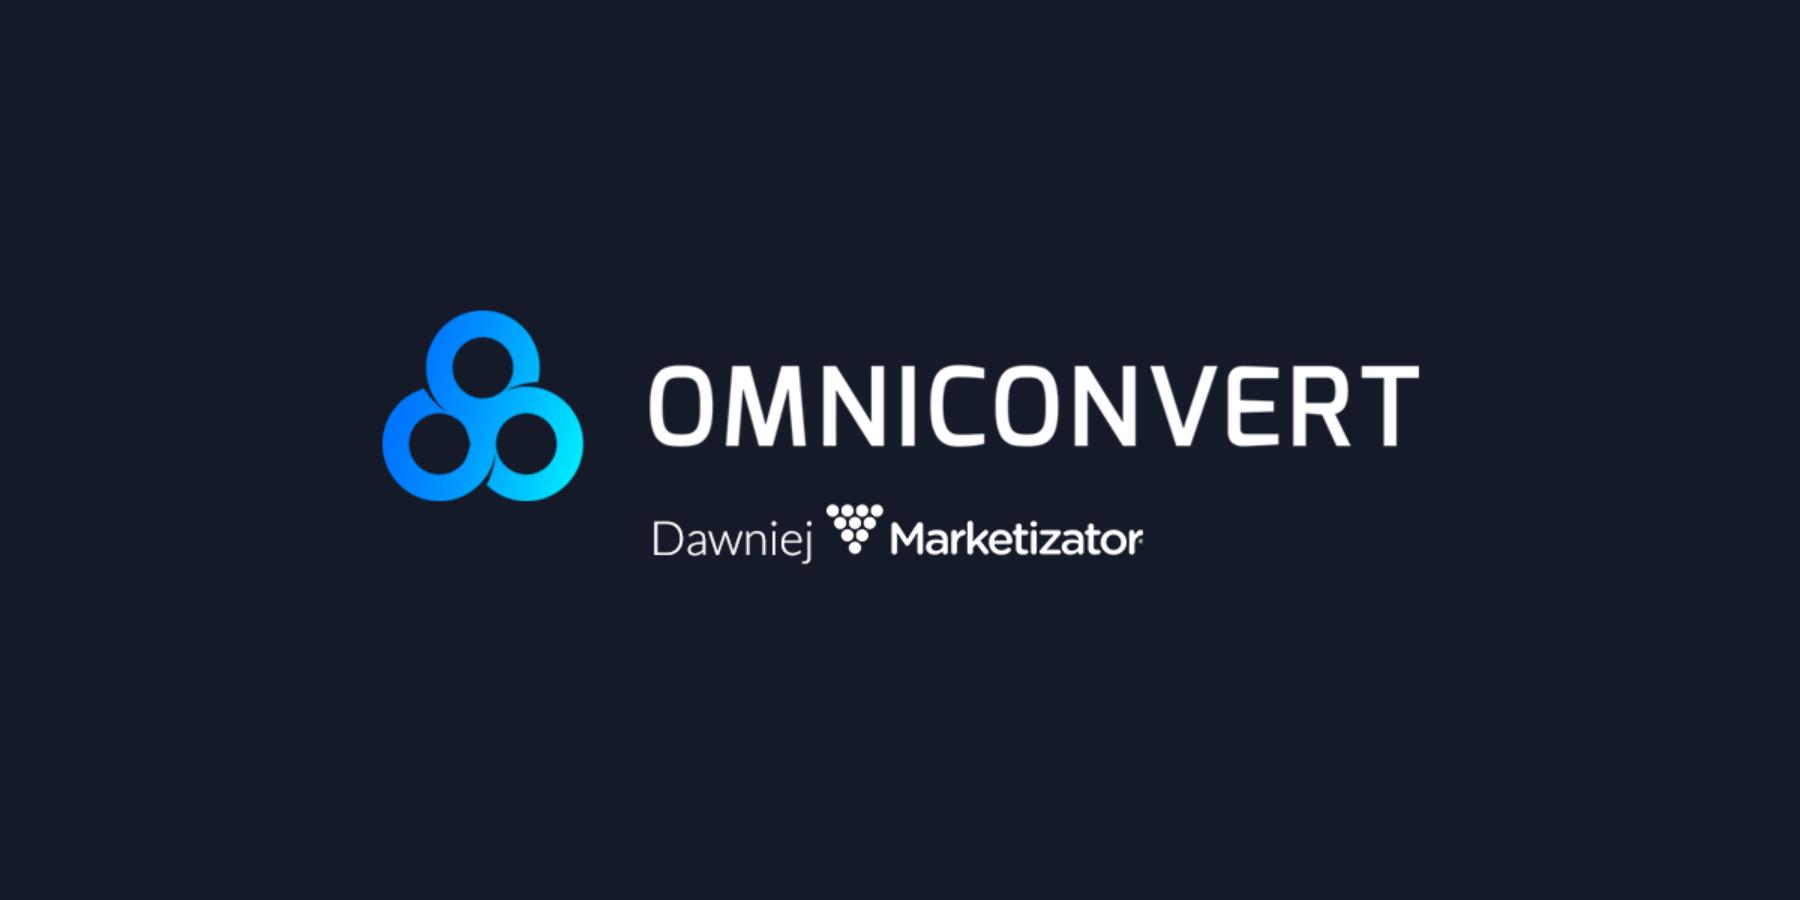 Marketizator oficjalnie zmienia się wOmniconvert!